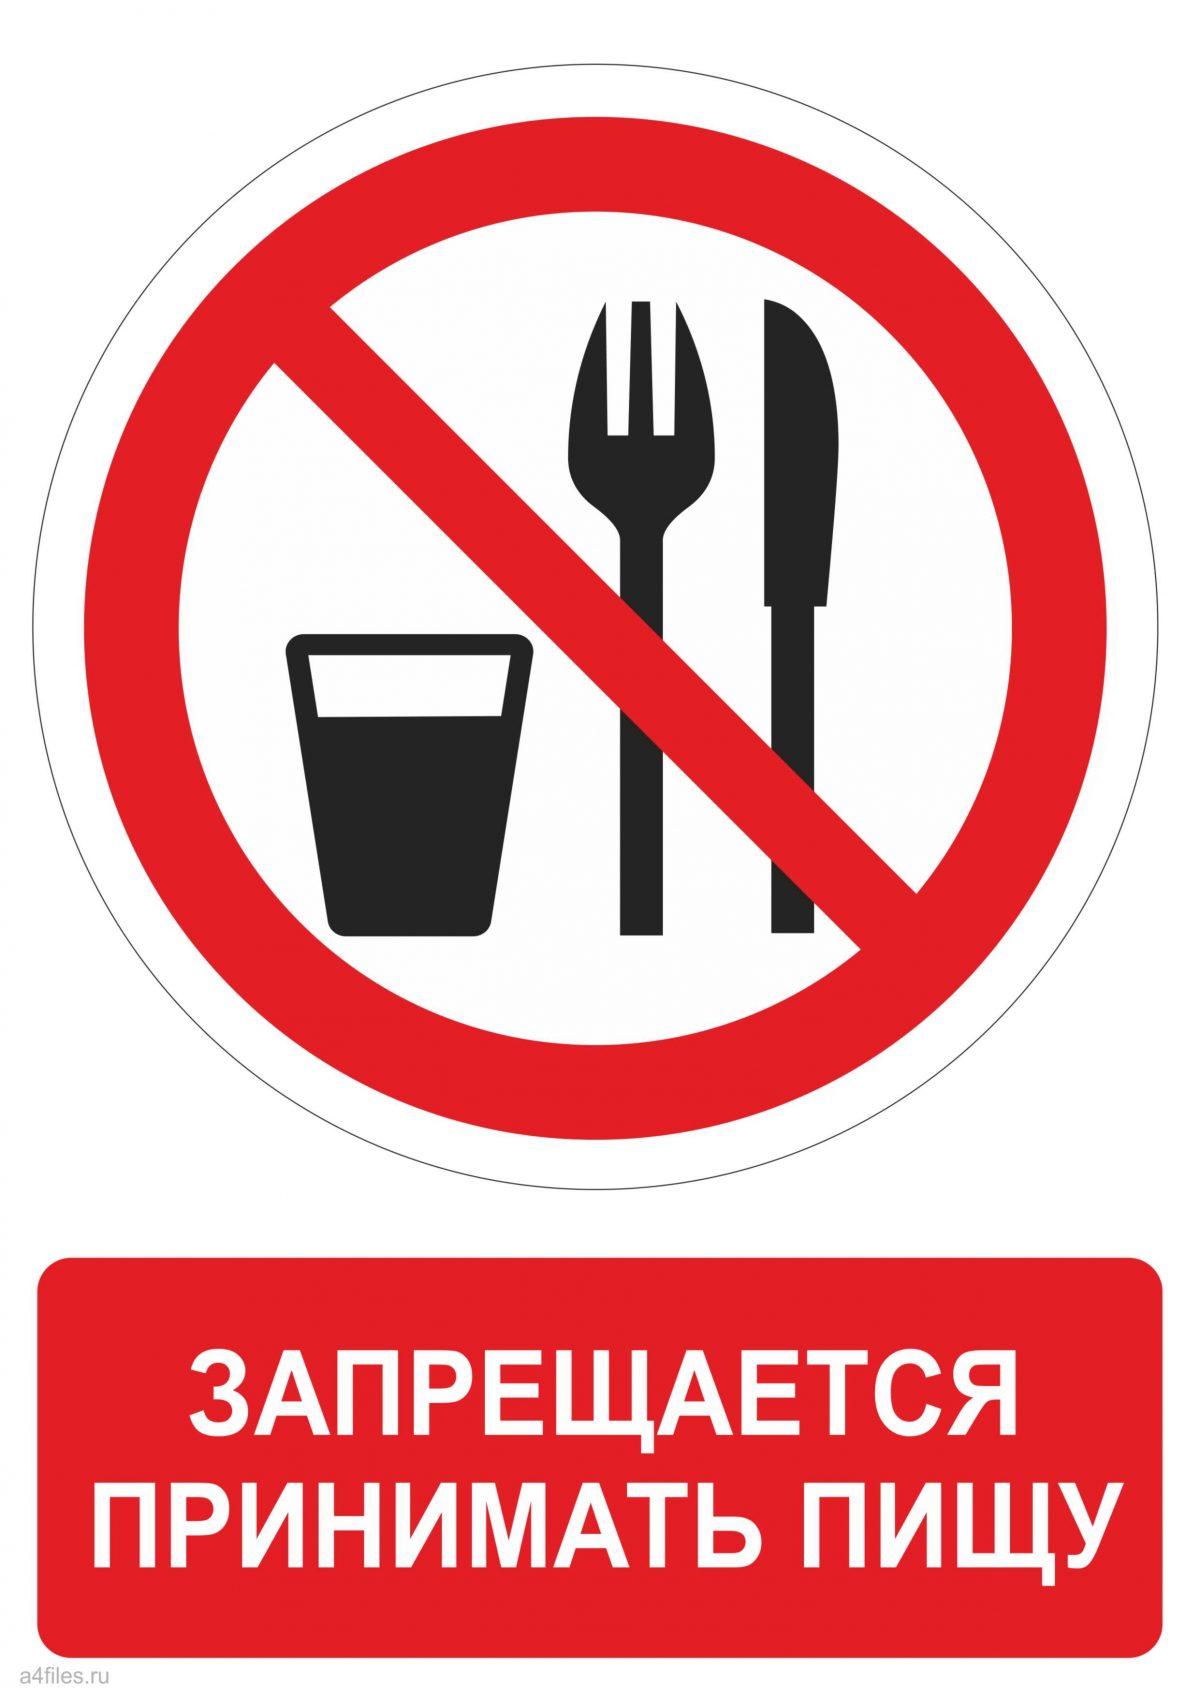 Знак запрещающий принимать пищу